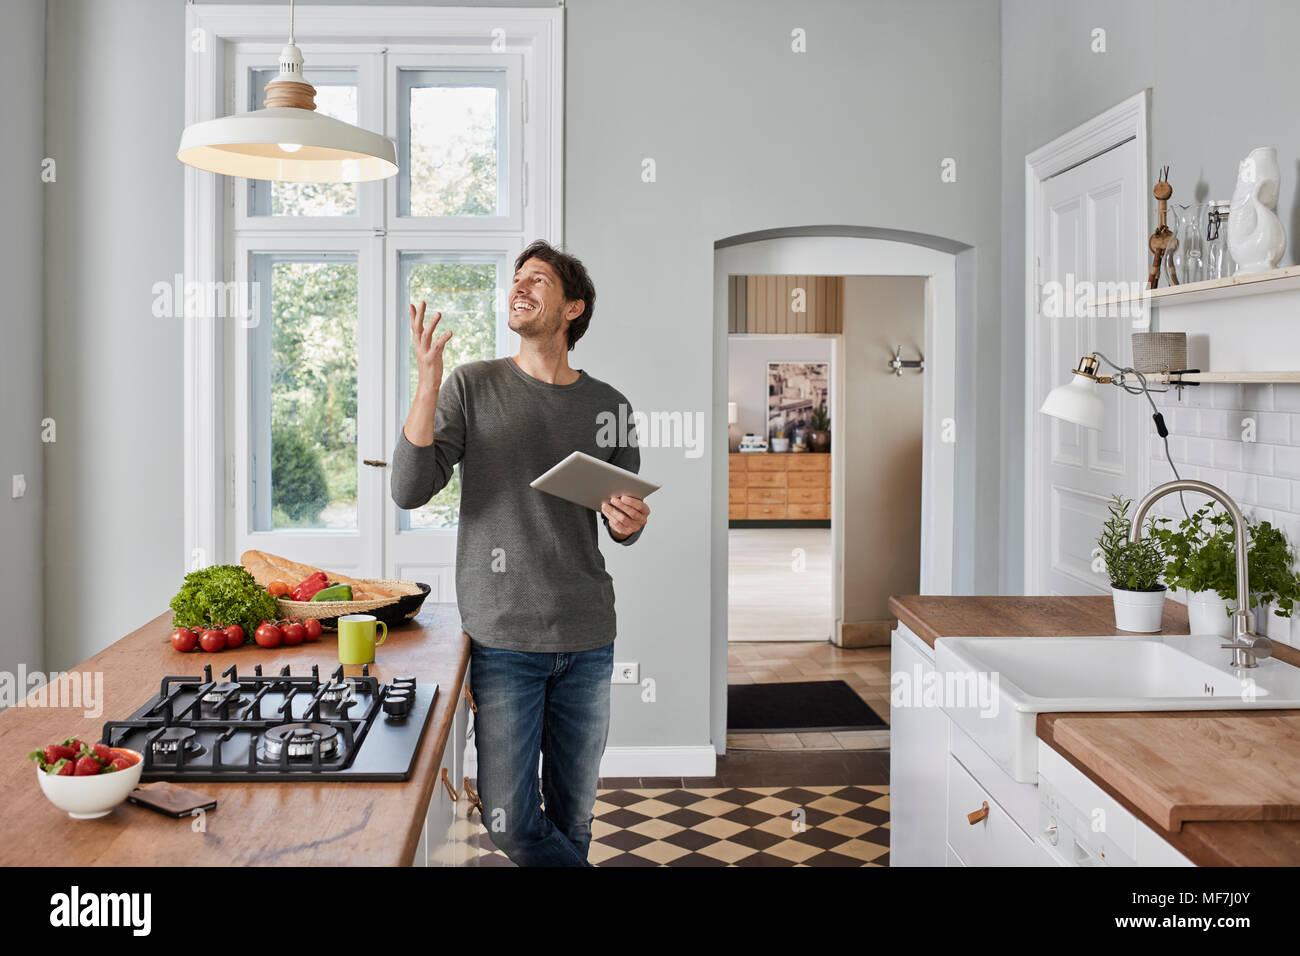 Glückliche Menschen mit Tablet in der Küche an der Decke lampe ...